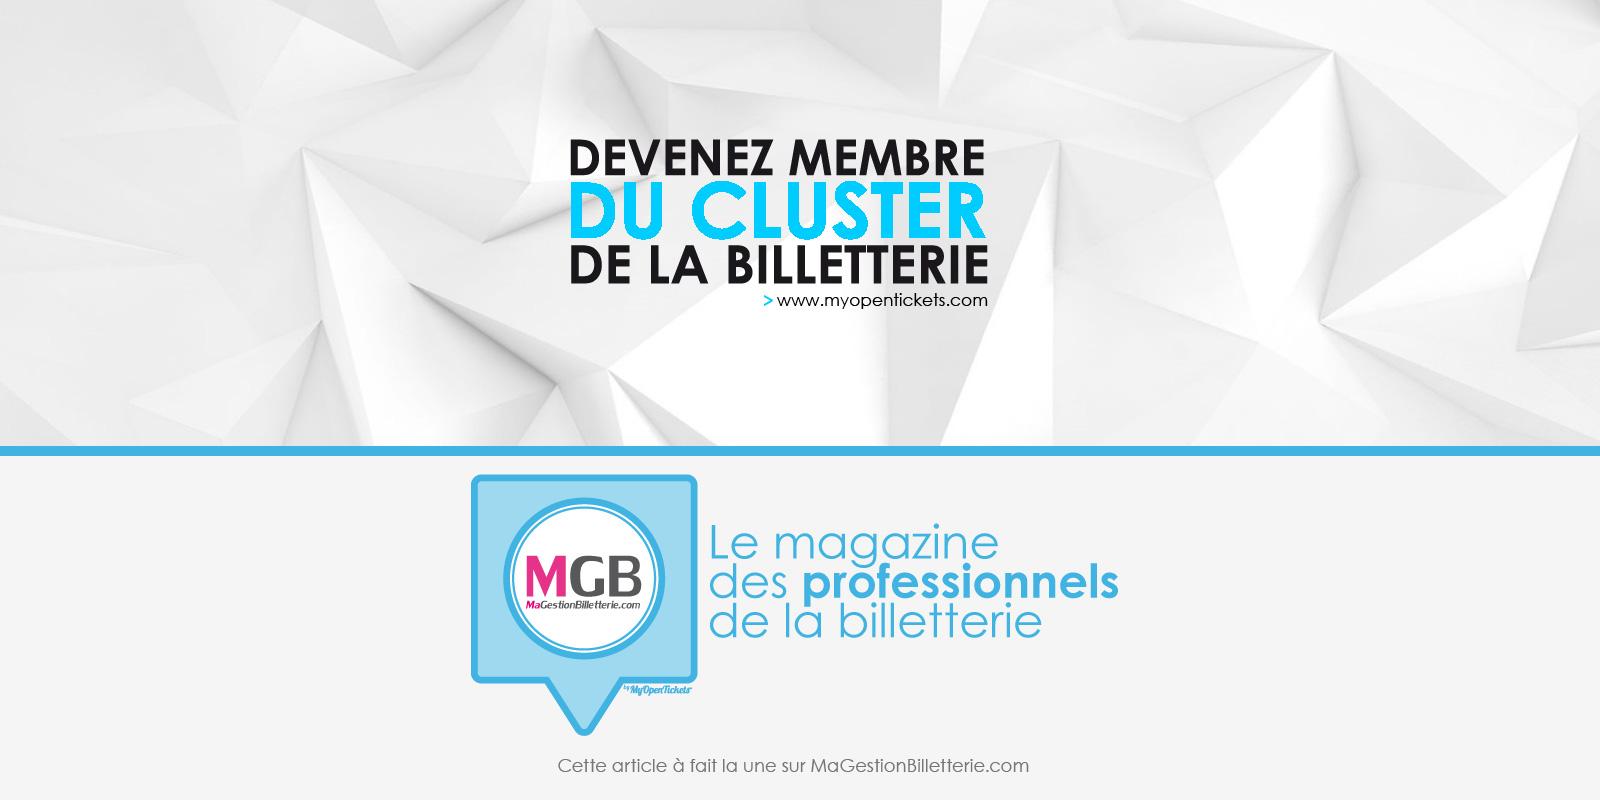 cluster-myopentickets-une4